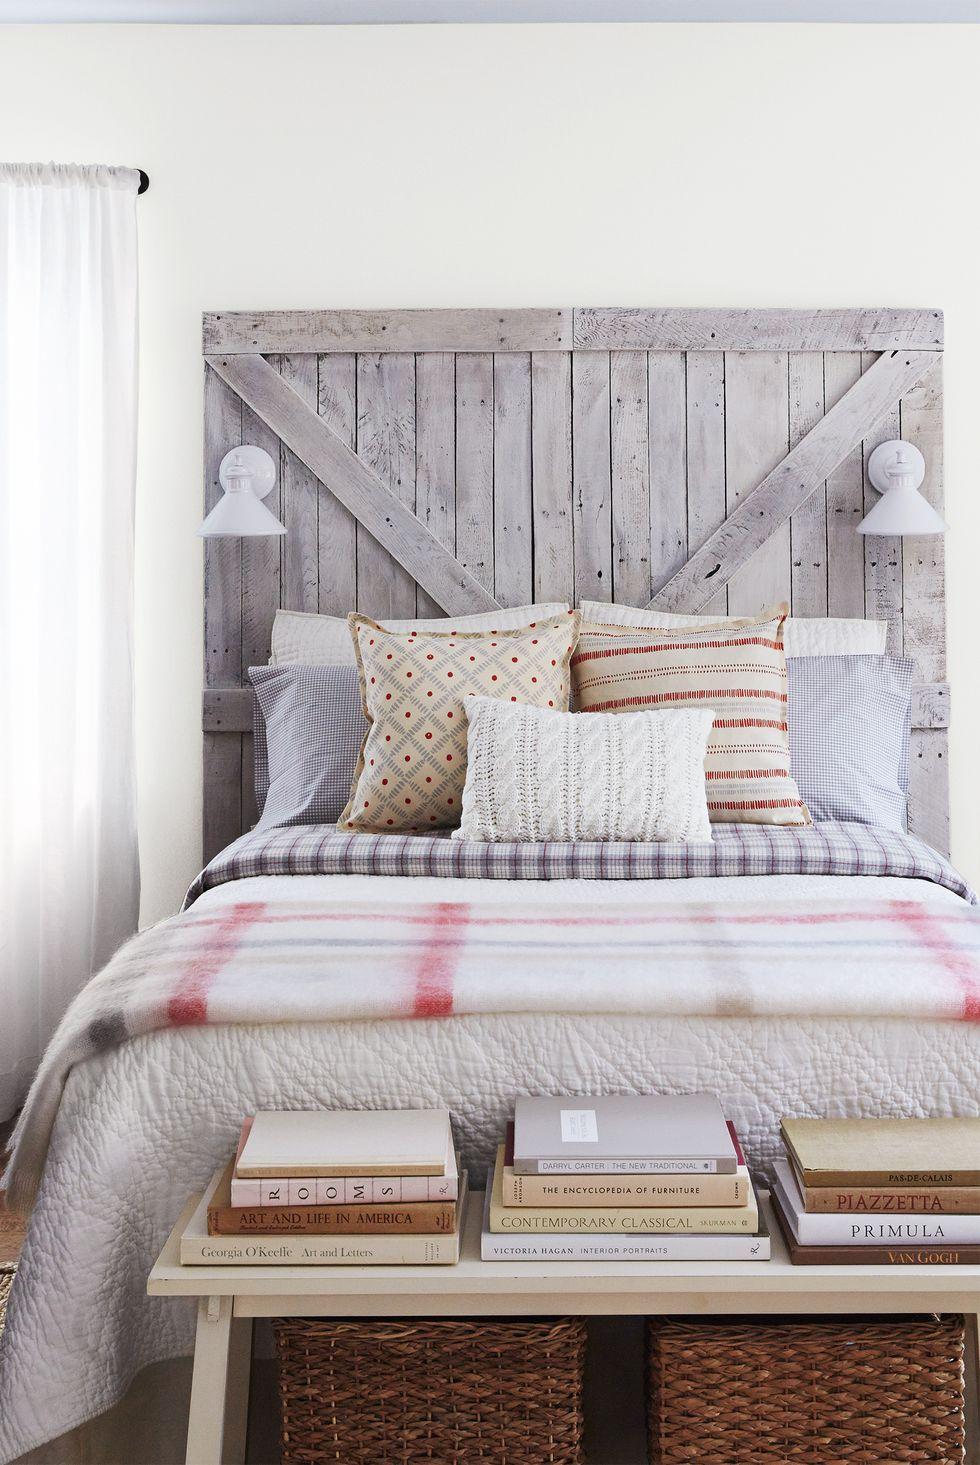 مدل چوبی اتاق خواب شیک و دیدنی ساده و زیبا